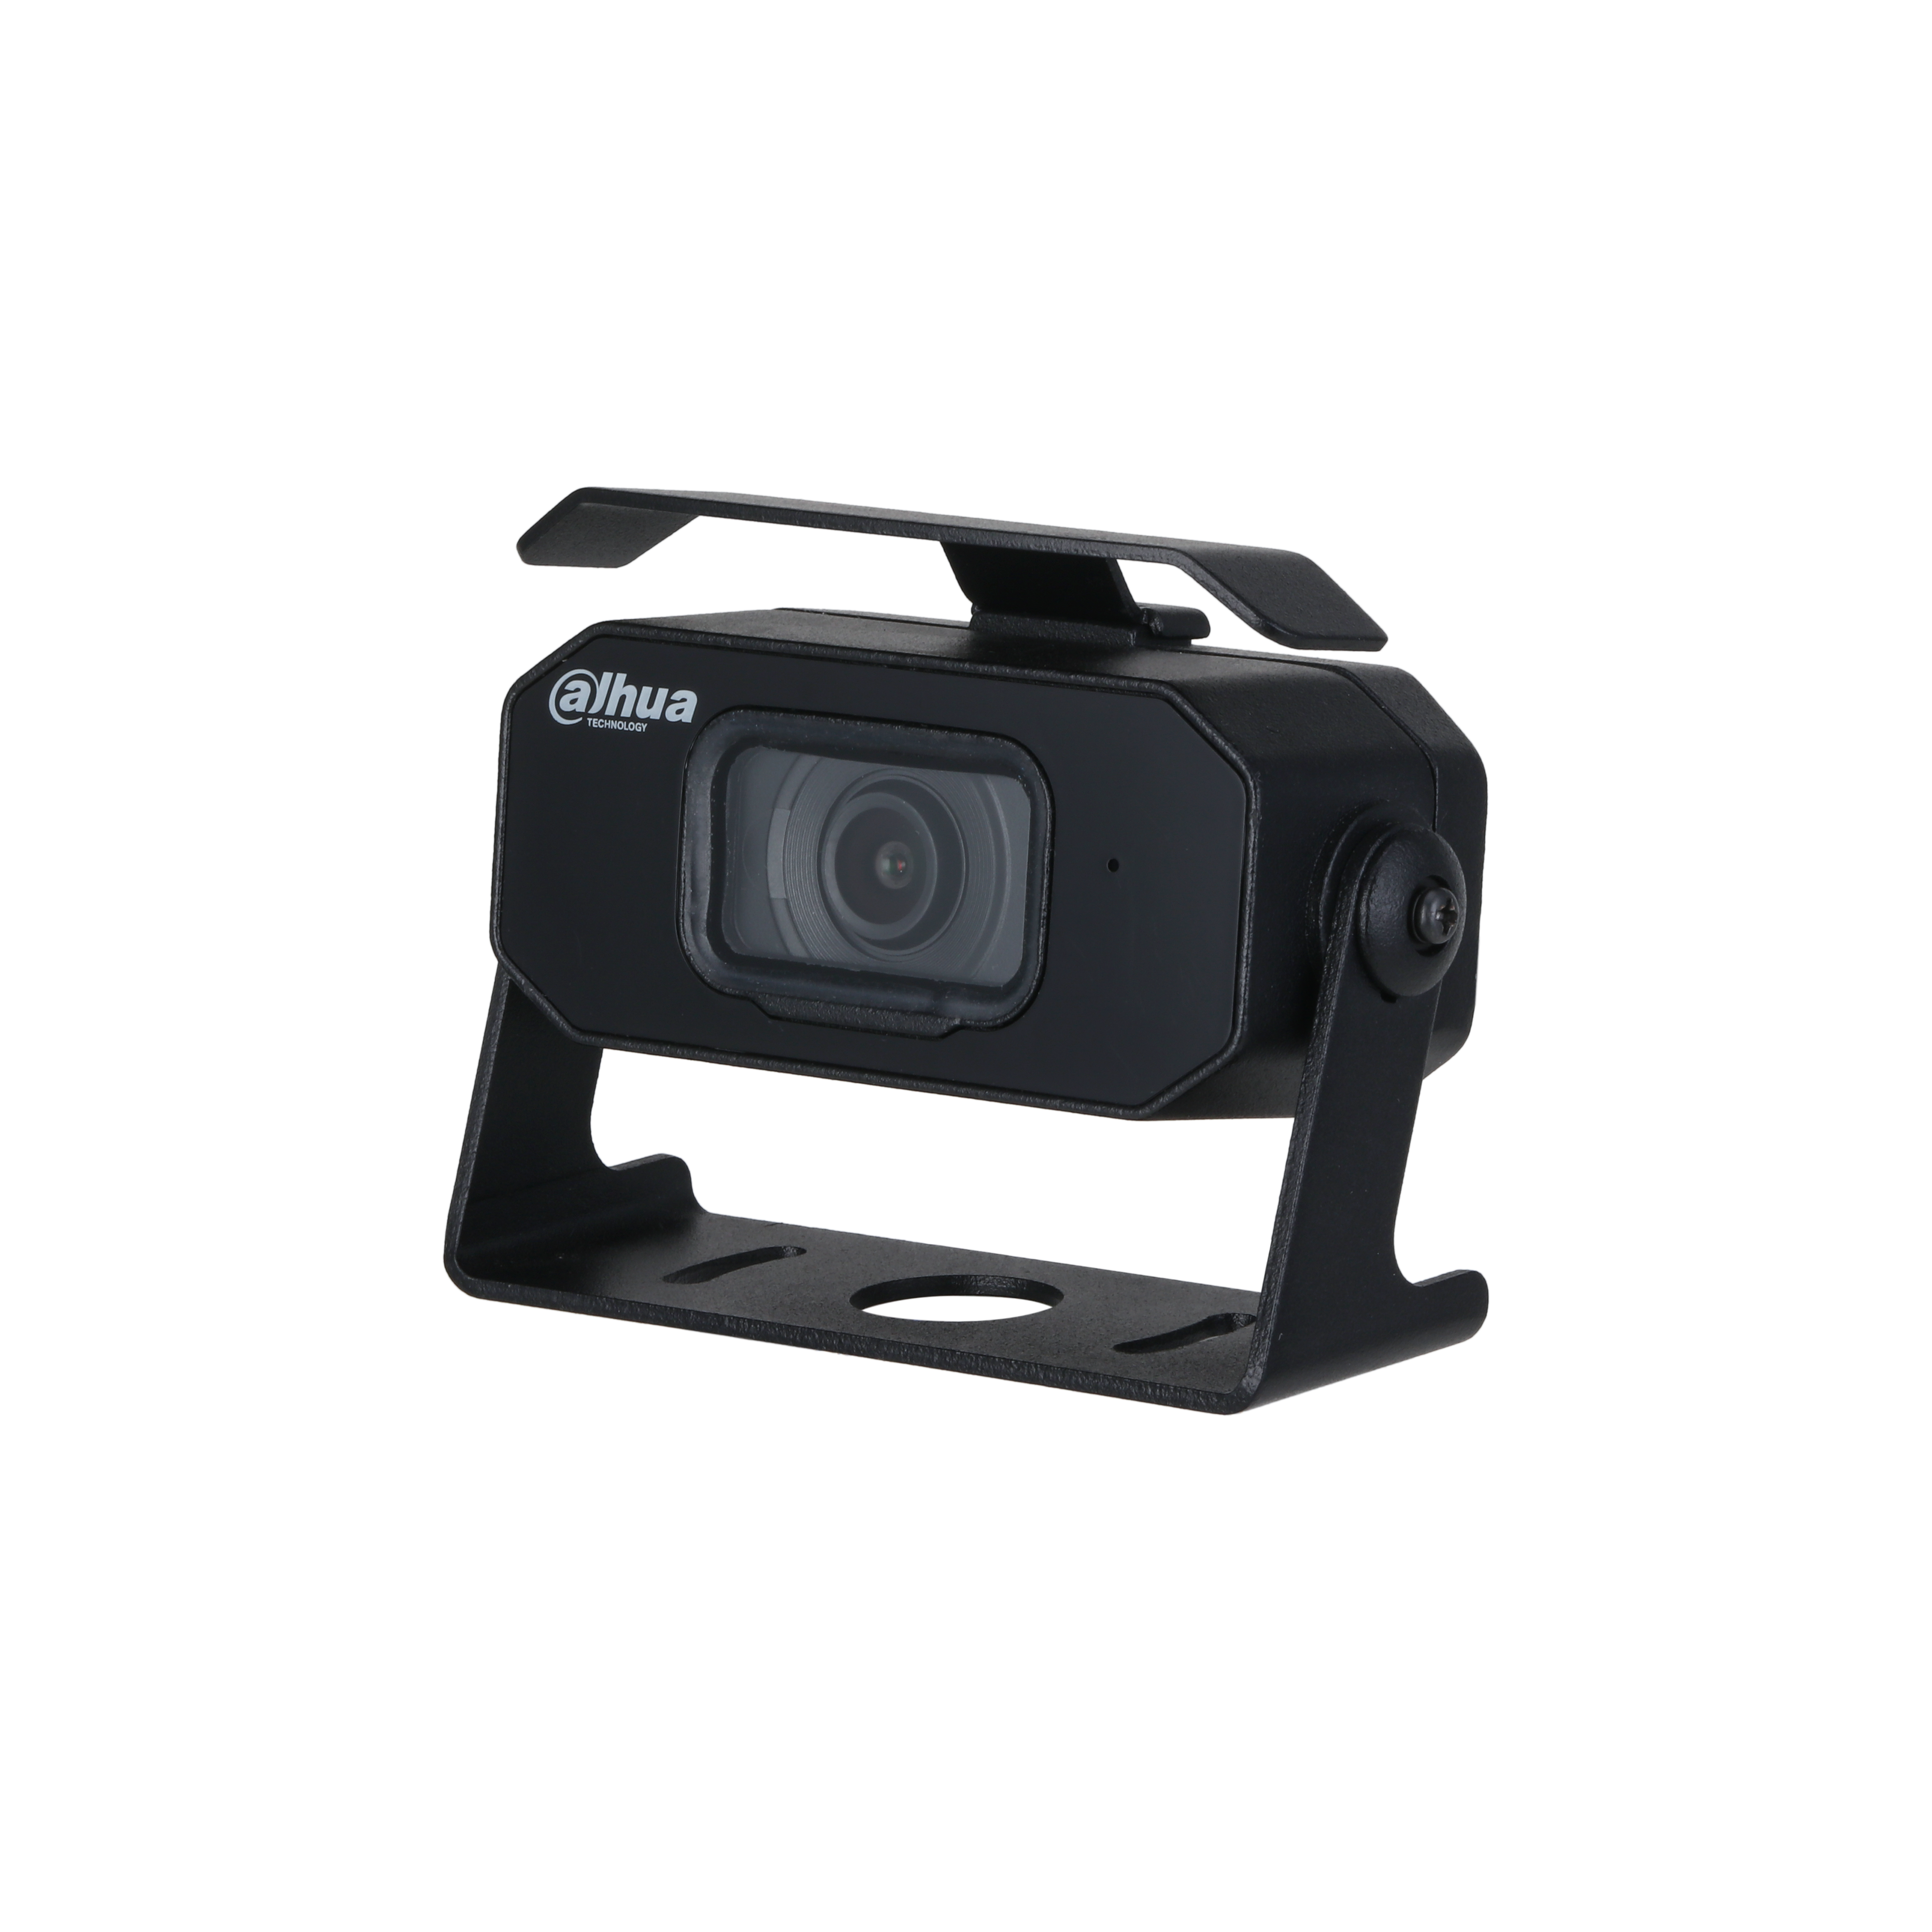 Caméra mobile 2 Mégapixels